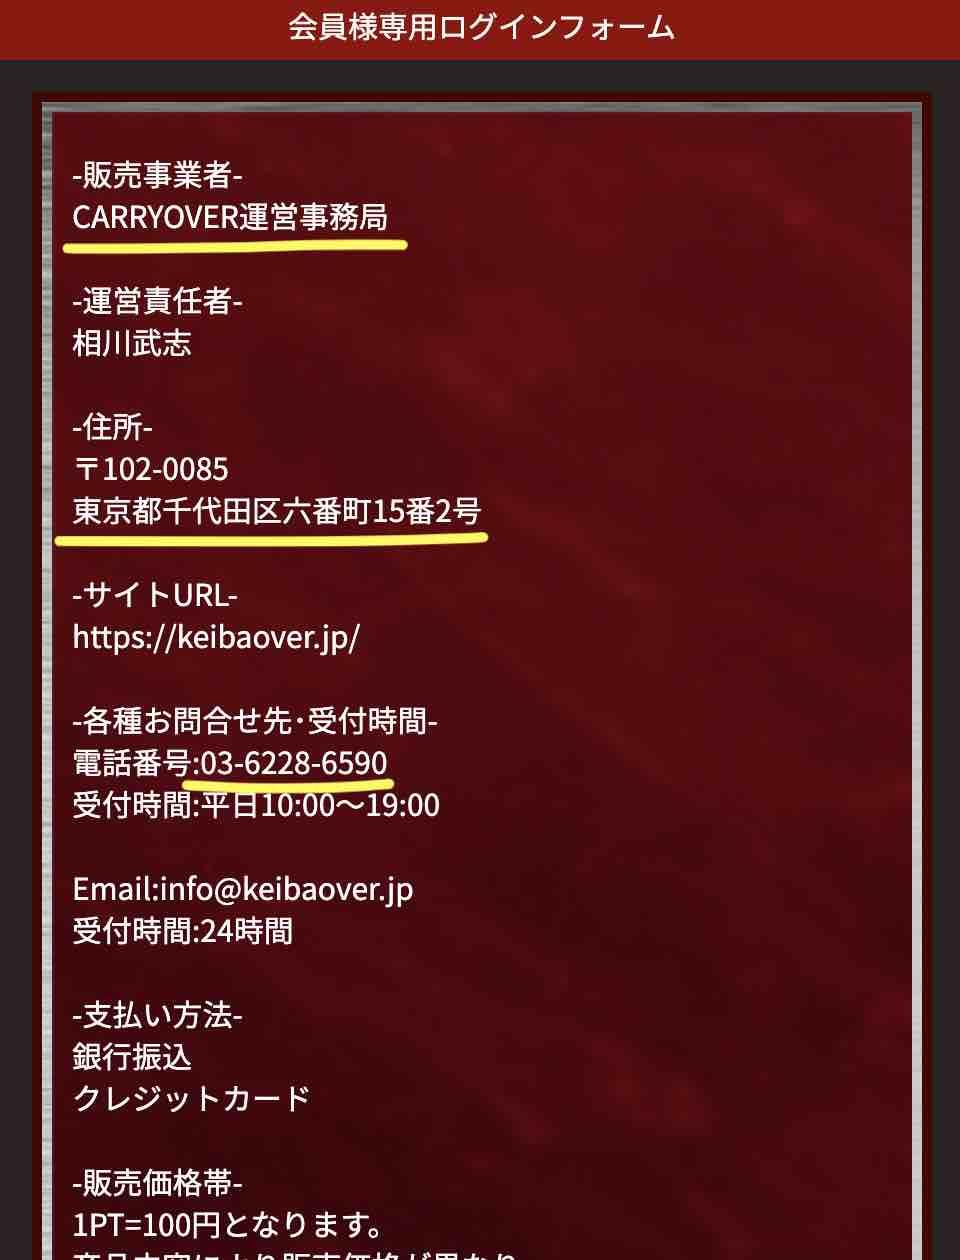 キャリーオーバー(CarryOver)という競馬予想サイトの特商法